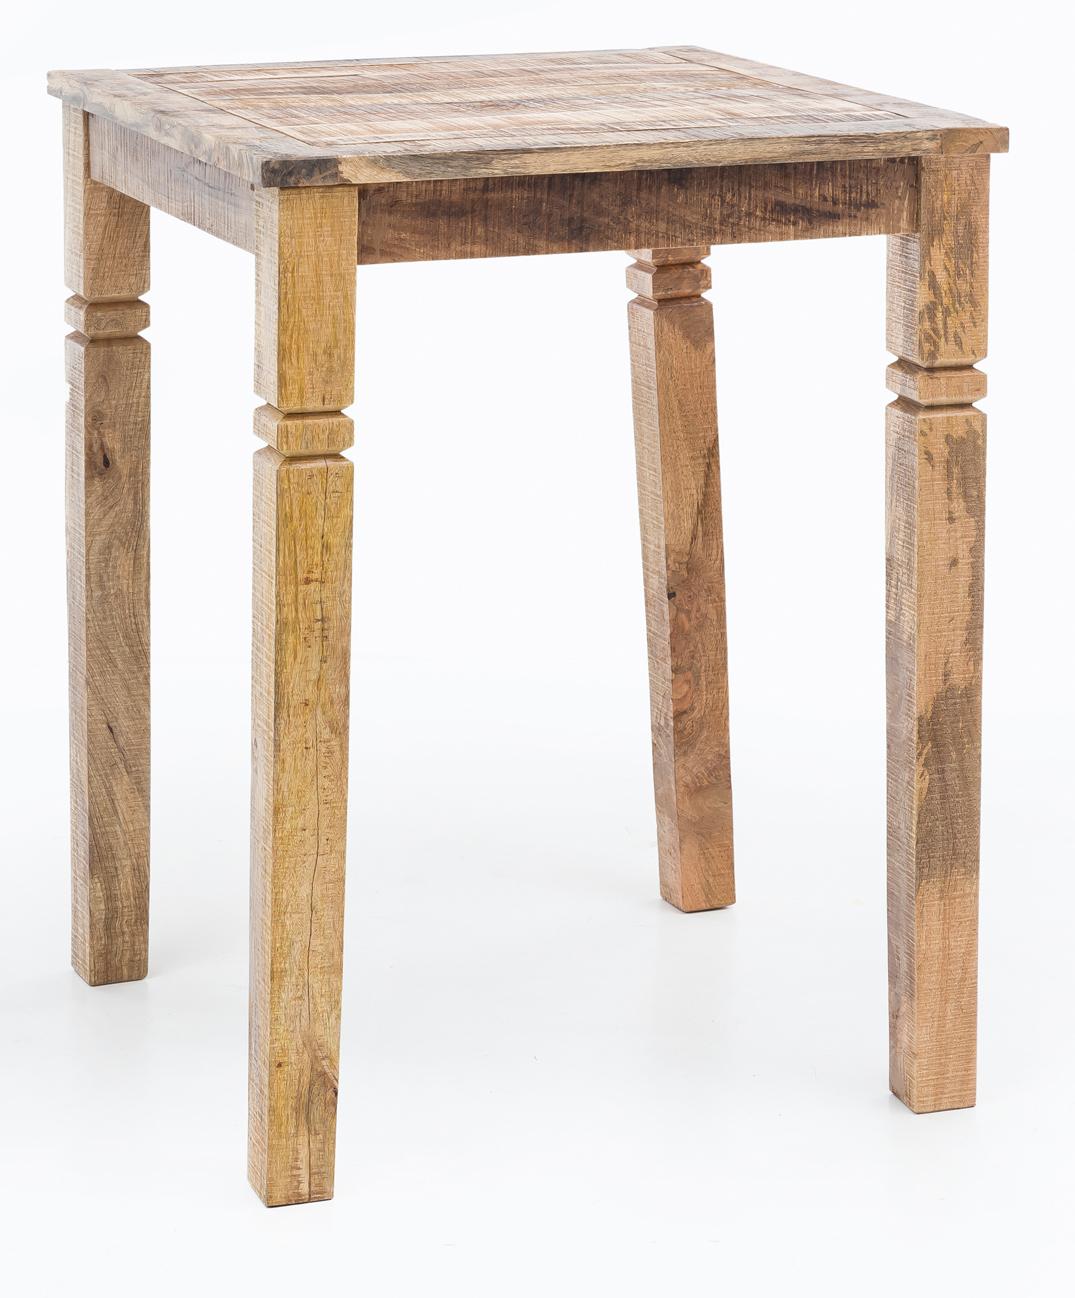 FineBuy Bartisch RUSTI 45 x 45 x 45 cm Massiv-Holz Natur Esstisch  Quadratisch  Rustikaler Hoher Tisch Altholz  Shabby Chic Echtholz  Küchenbartisch